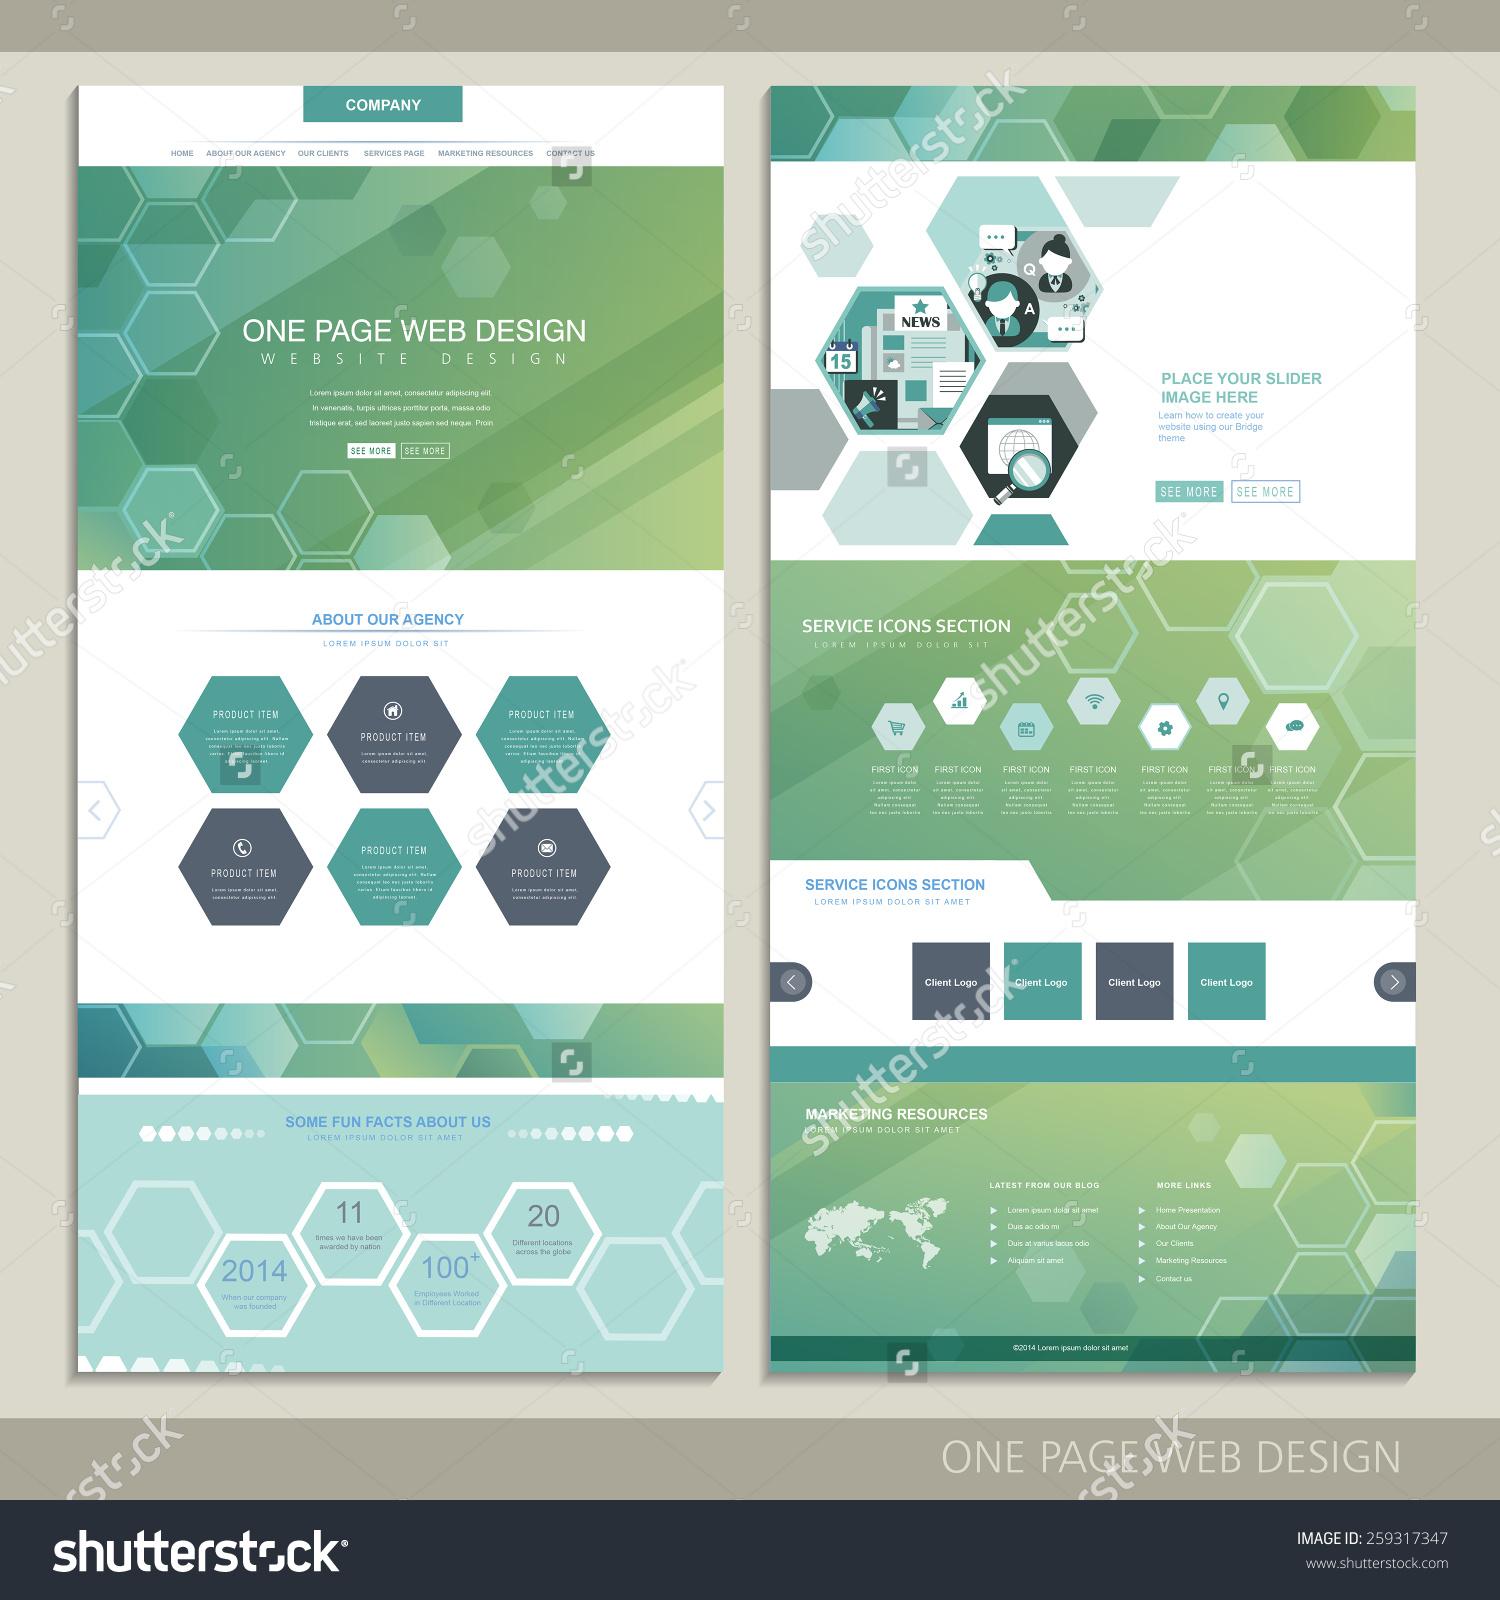 一页网站设计与六边形元素高科技概念-科技,抽象-海洛